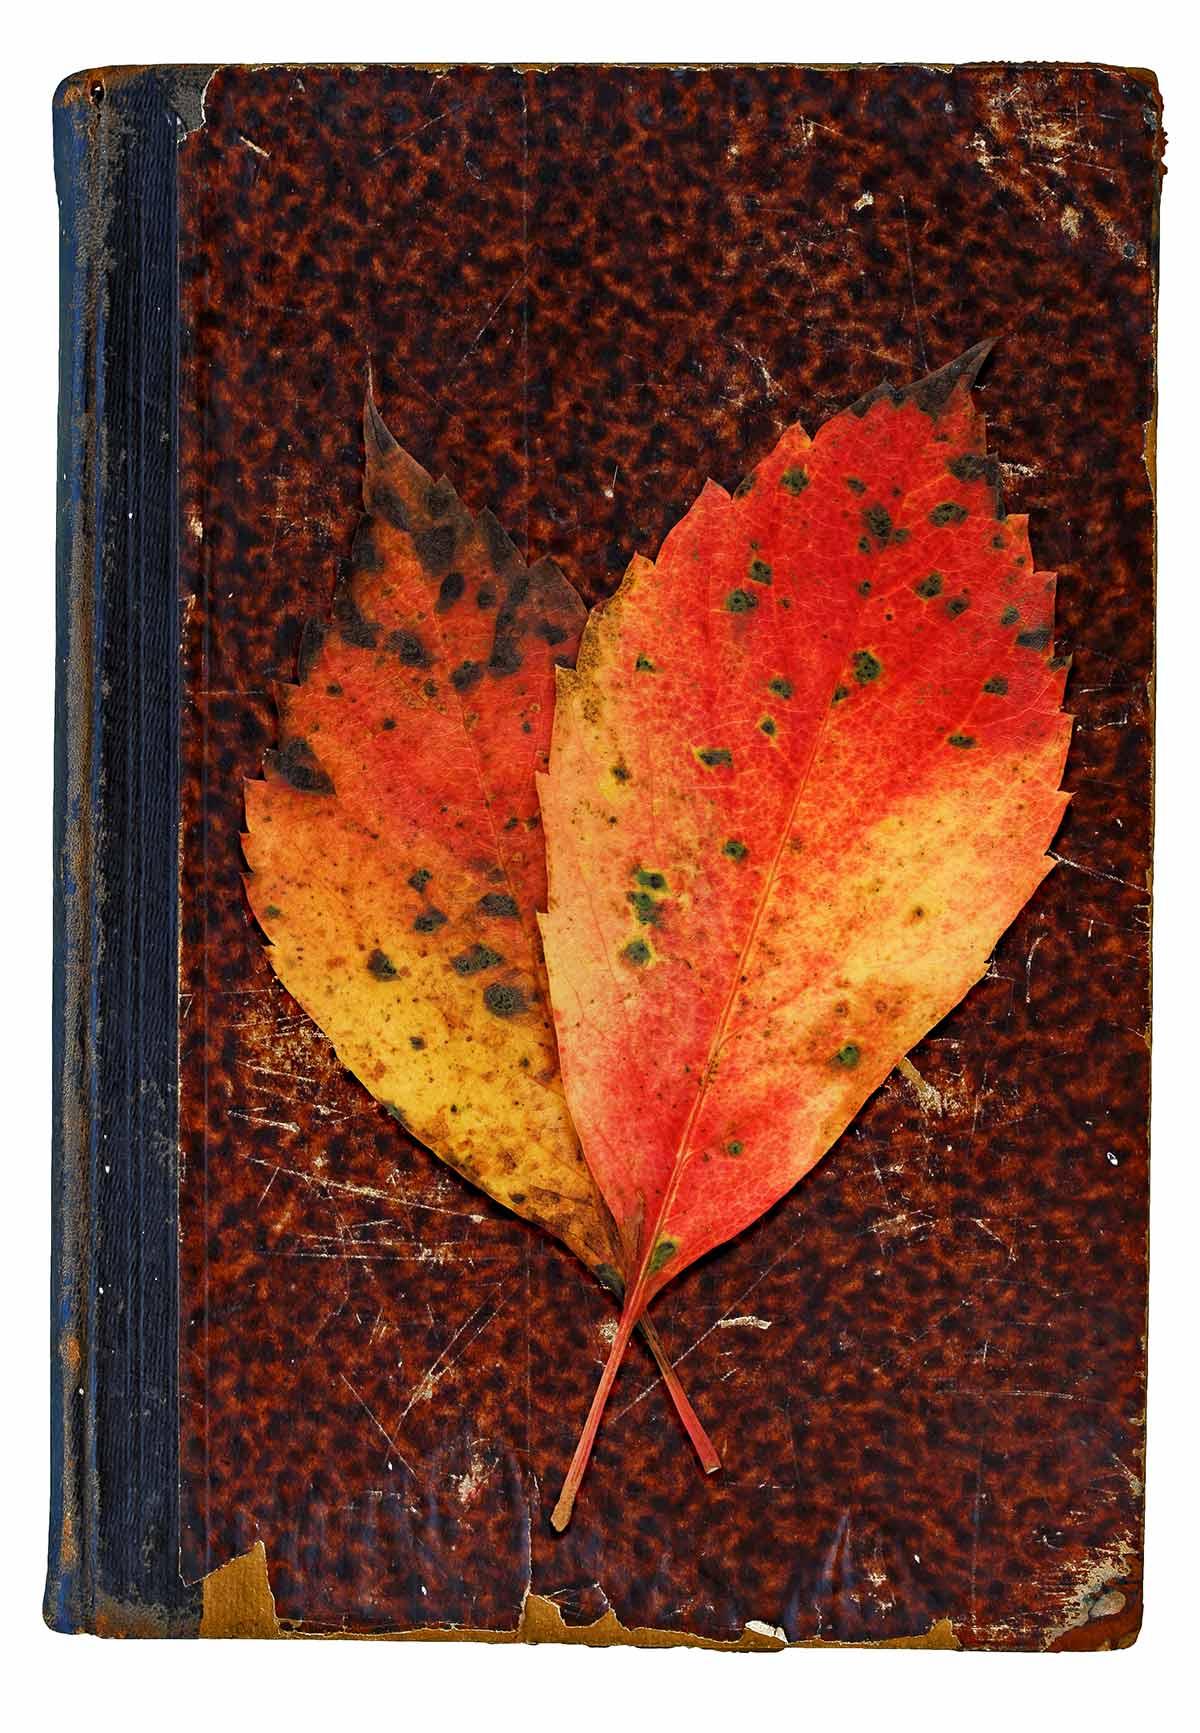 Herbstliches Konzept